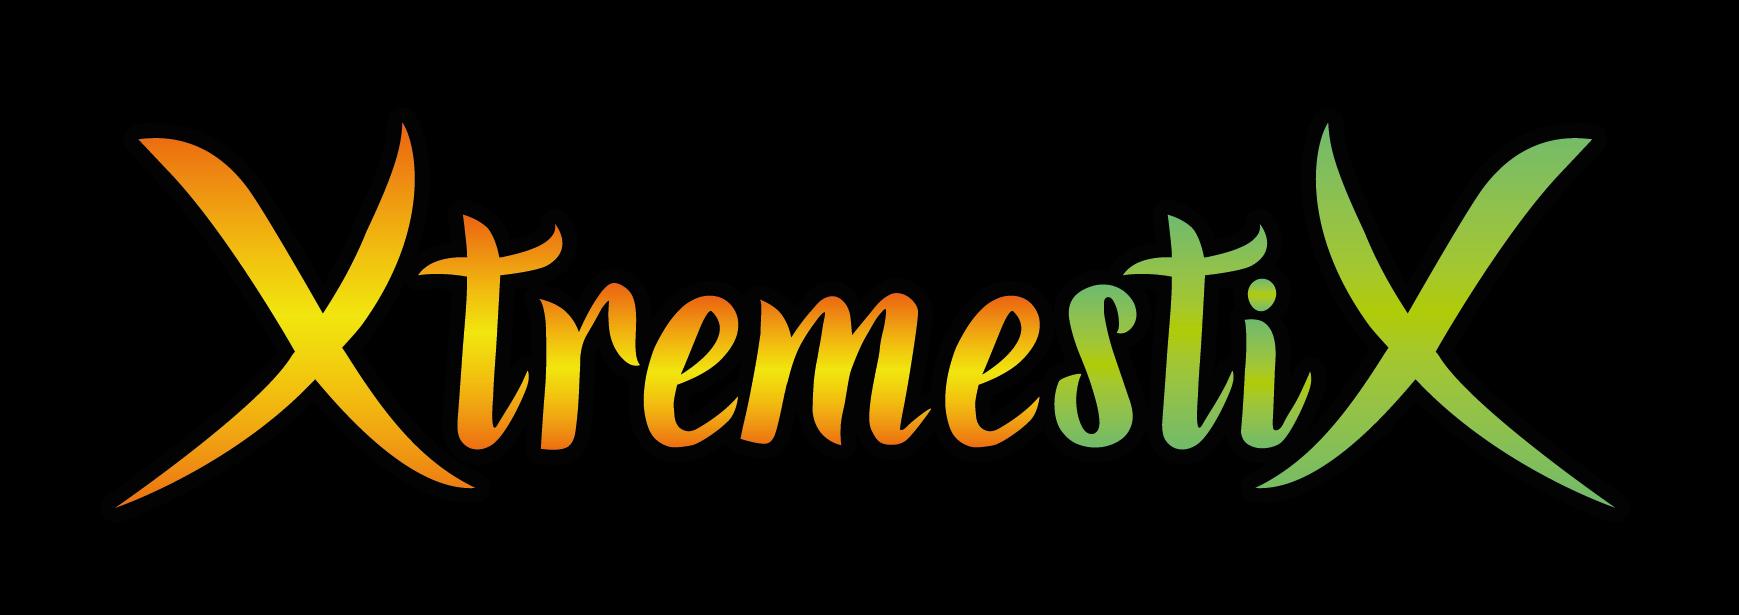 XtremestiX